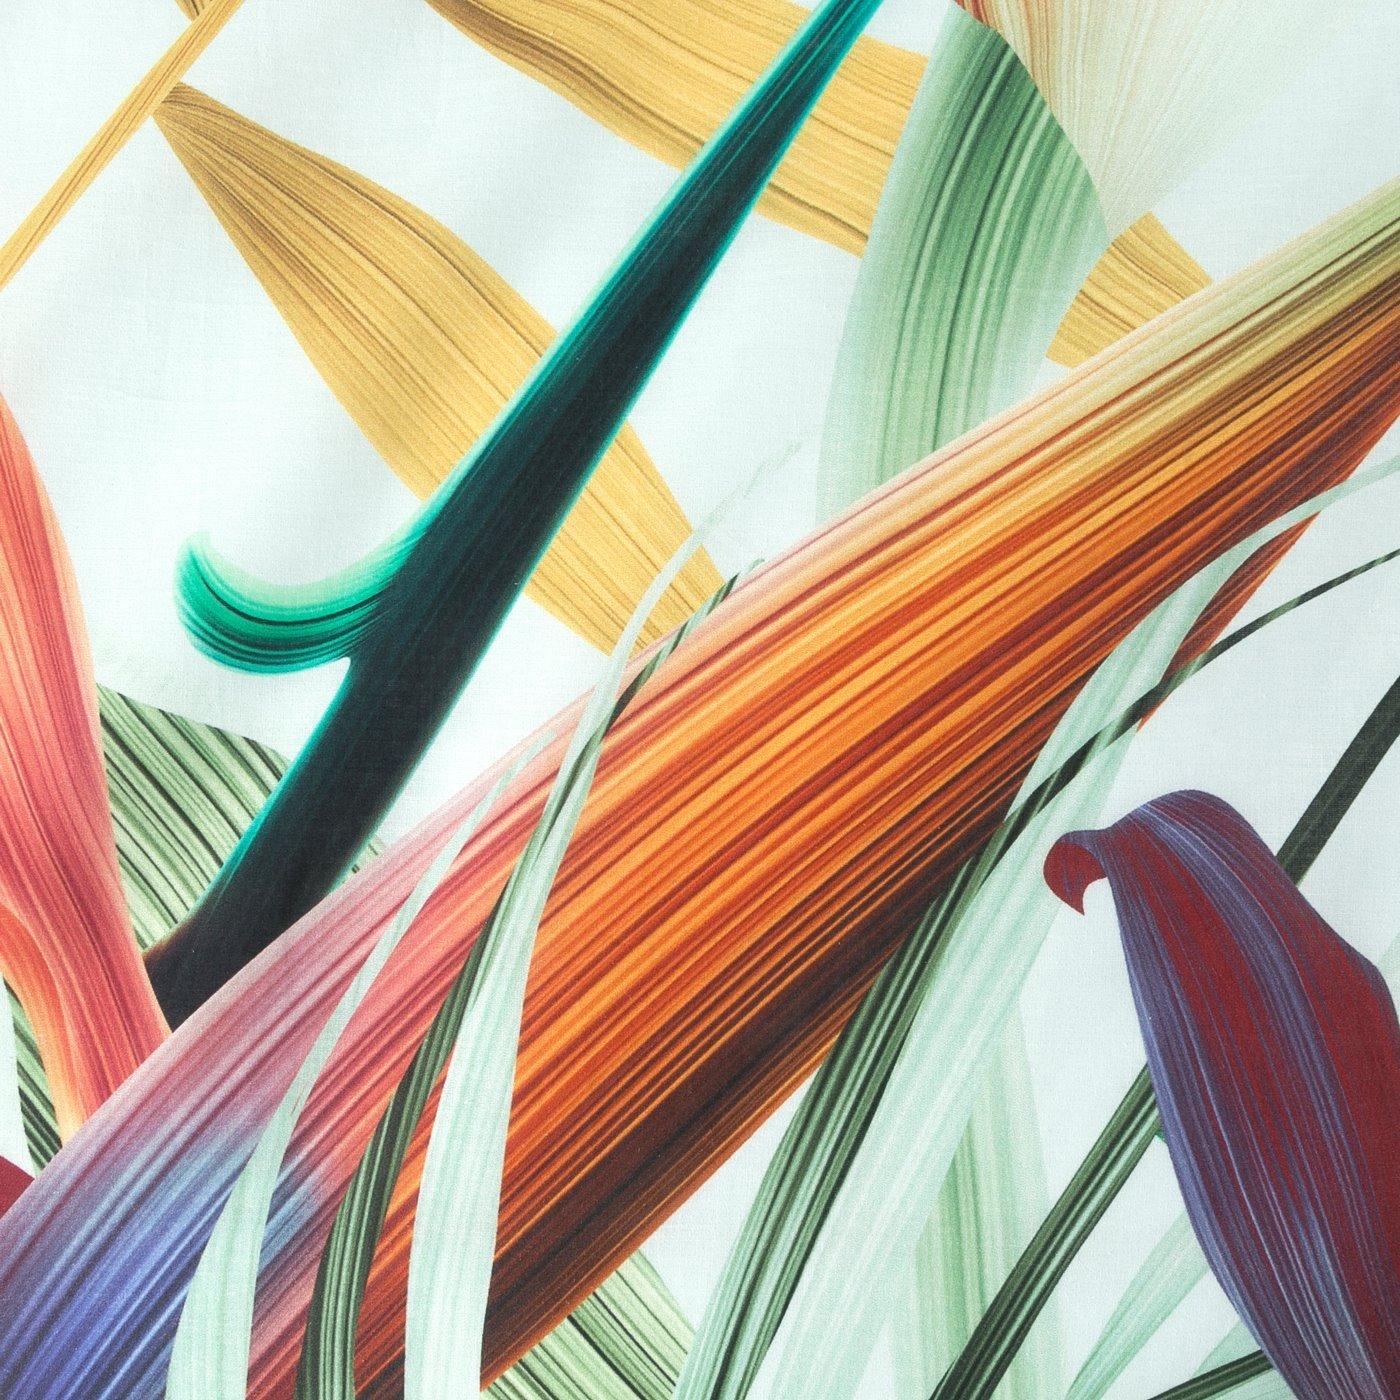 Komplet pościeli  bawełnianej 220 x 200 cm, 2 szt. 70 x 80 egzotyczny nadruk bawełna hiszpańska